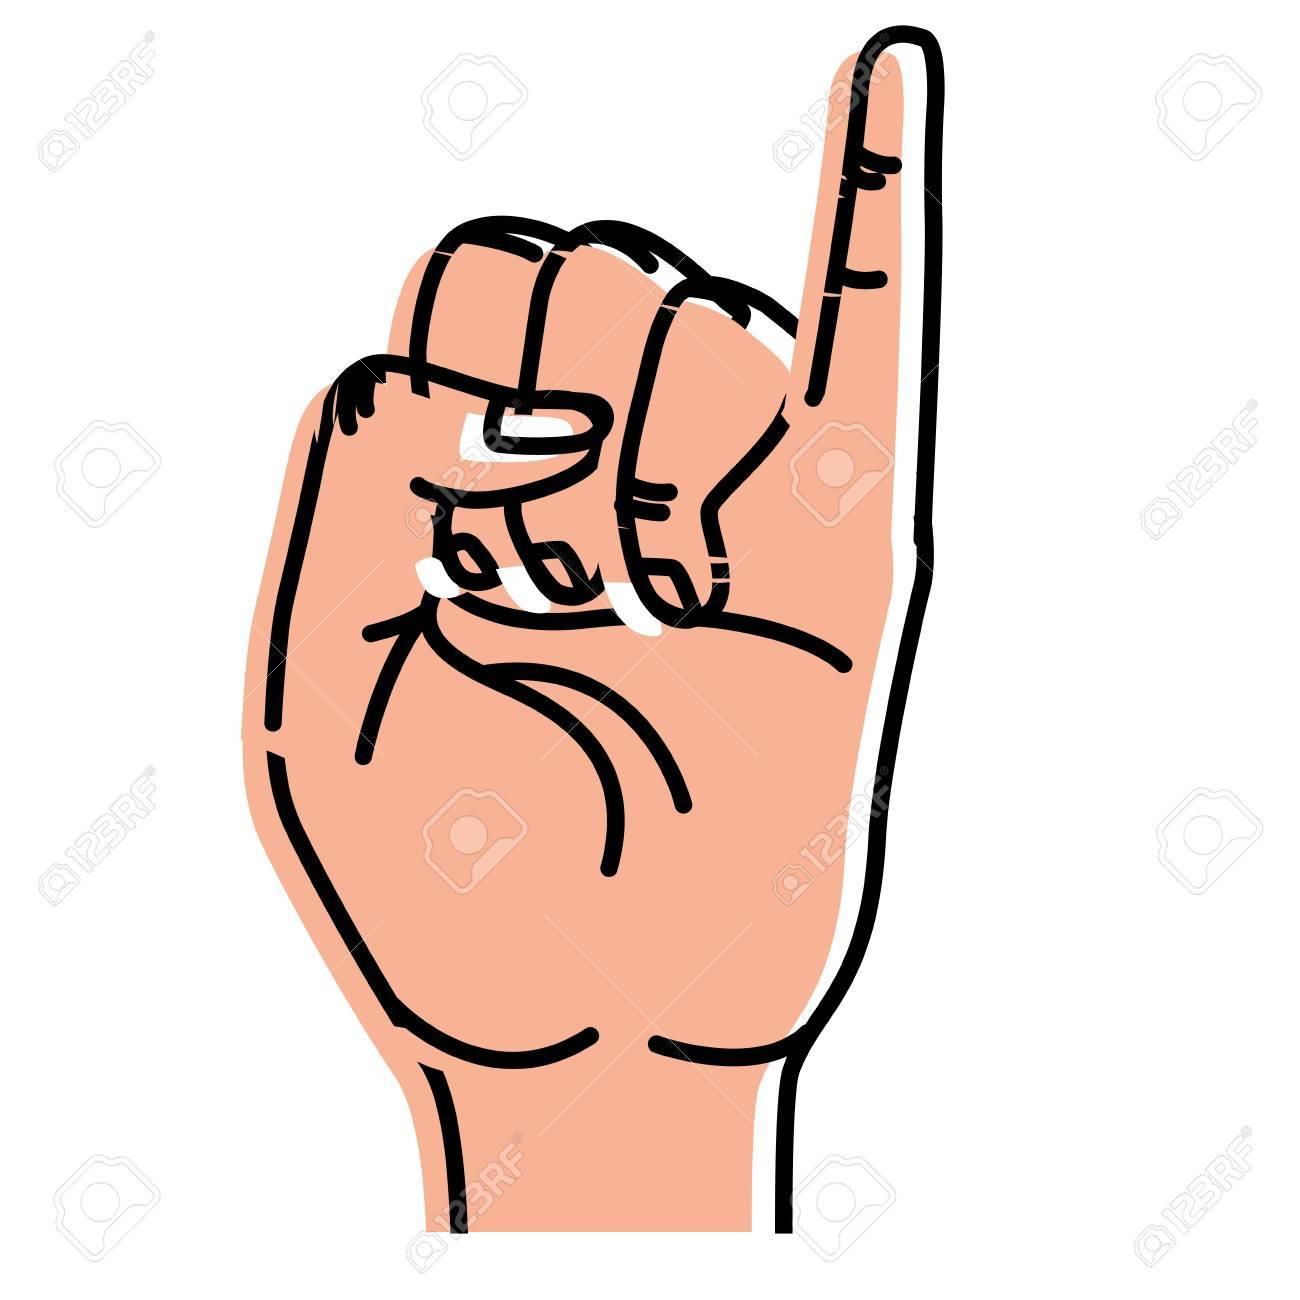 Süße Hand Mit Pinky Bis Symbol Lizenzfrei Nutzbare Vektorgrafiken ...